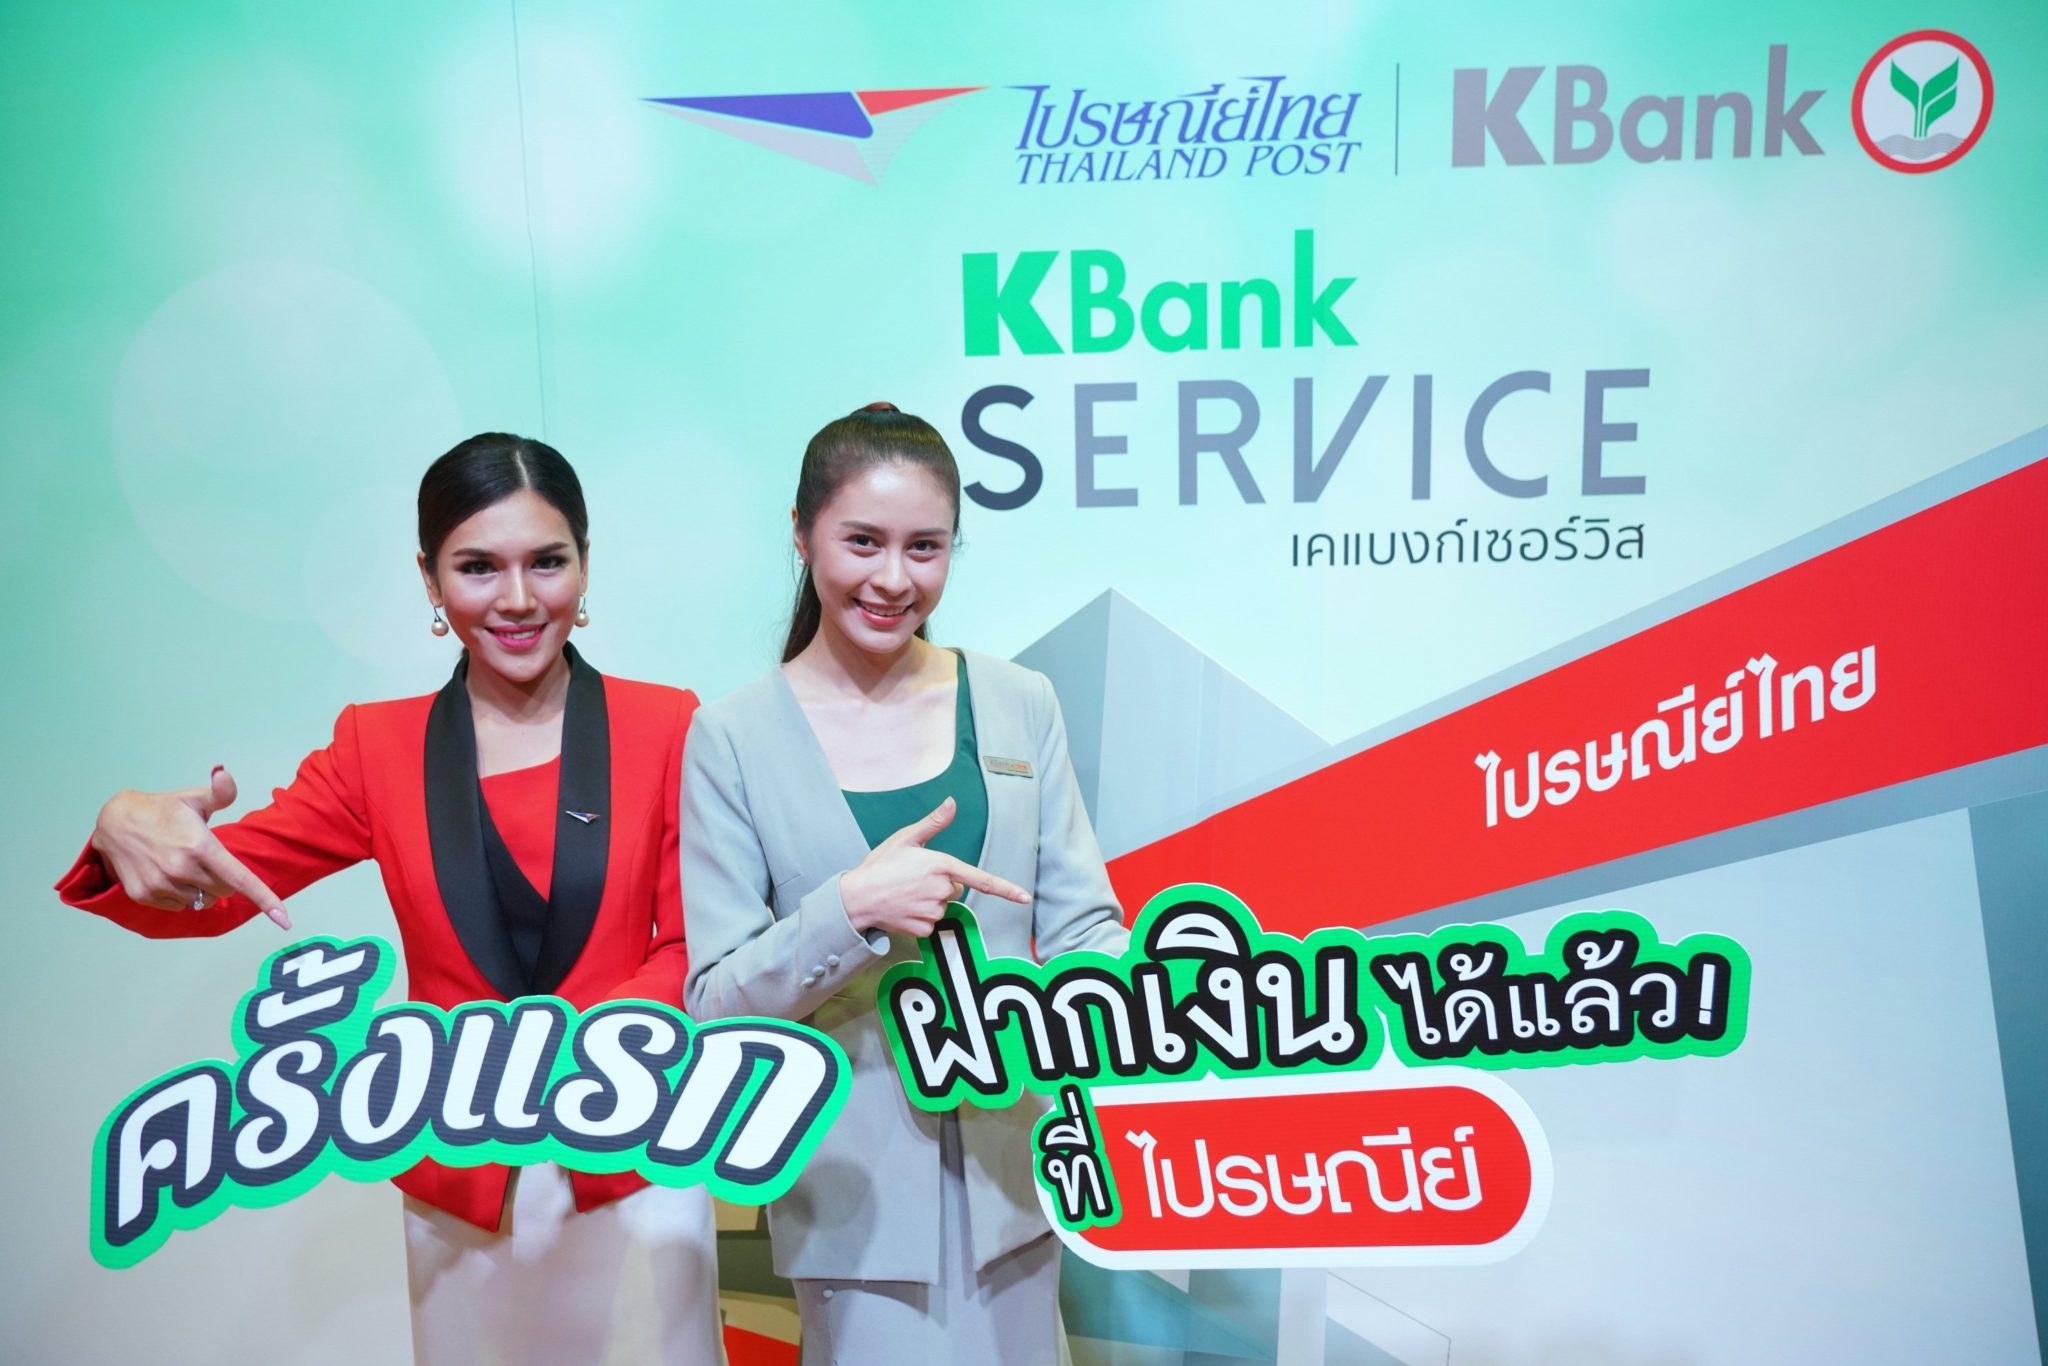 บริการใหม่จาก KBank Service ลูกค้าธนาคารกสิกรไทย ฝากเงินที่ไปรษณีย์ไทยได้แล้ววันนี้! 13 -